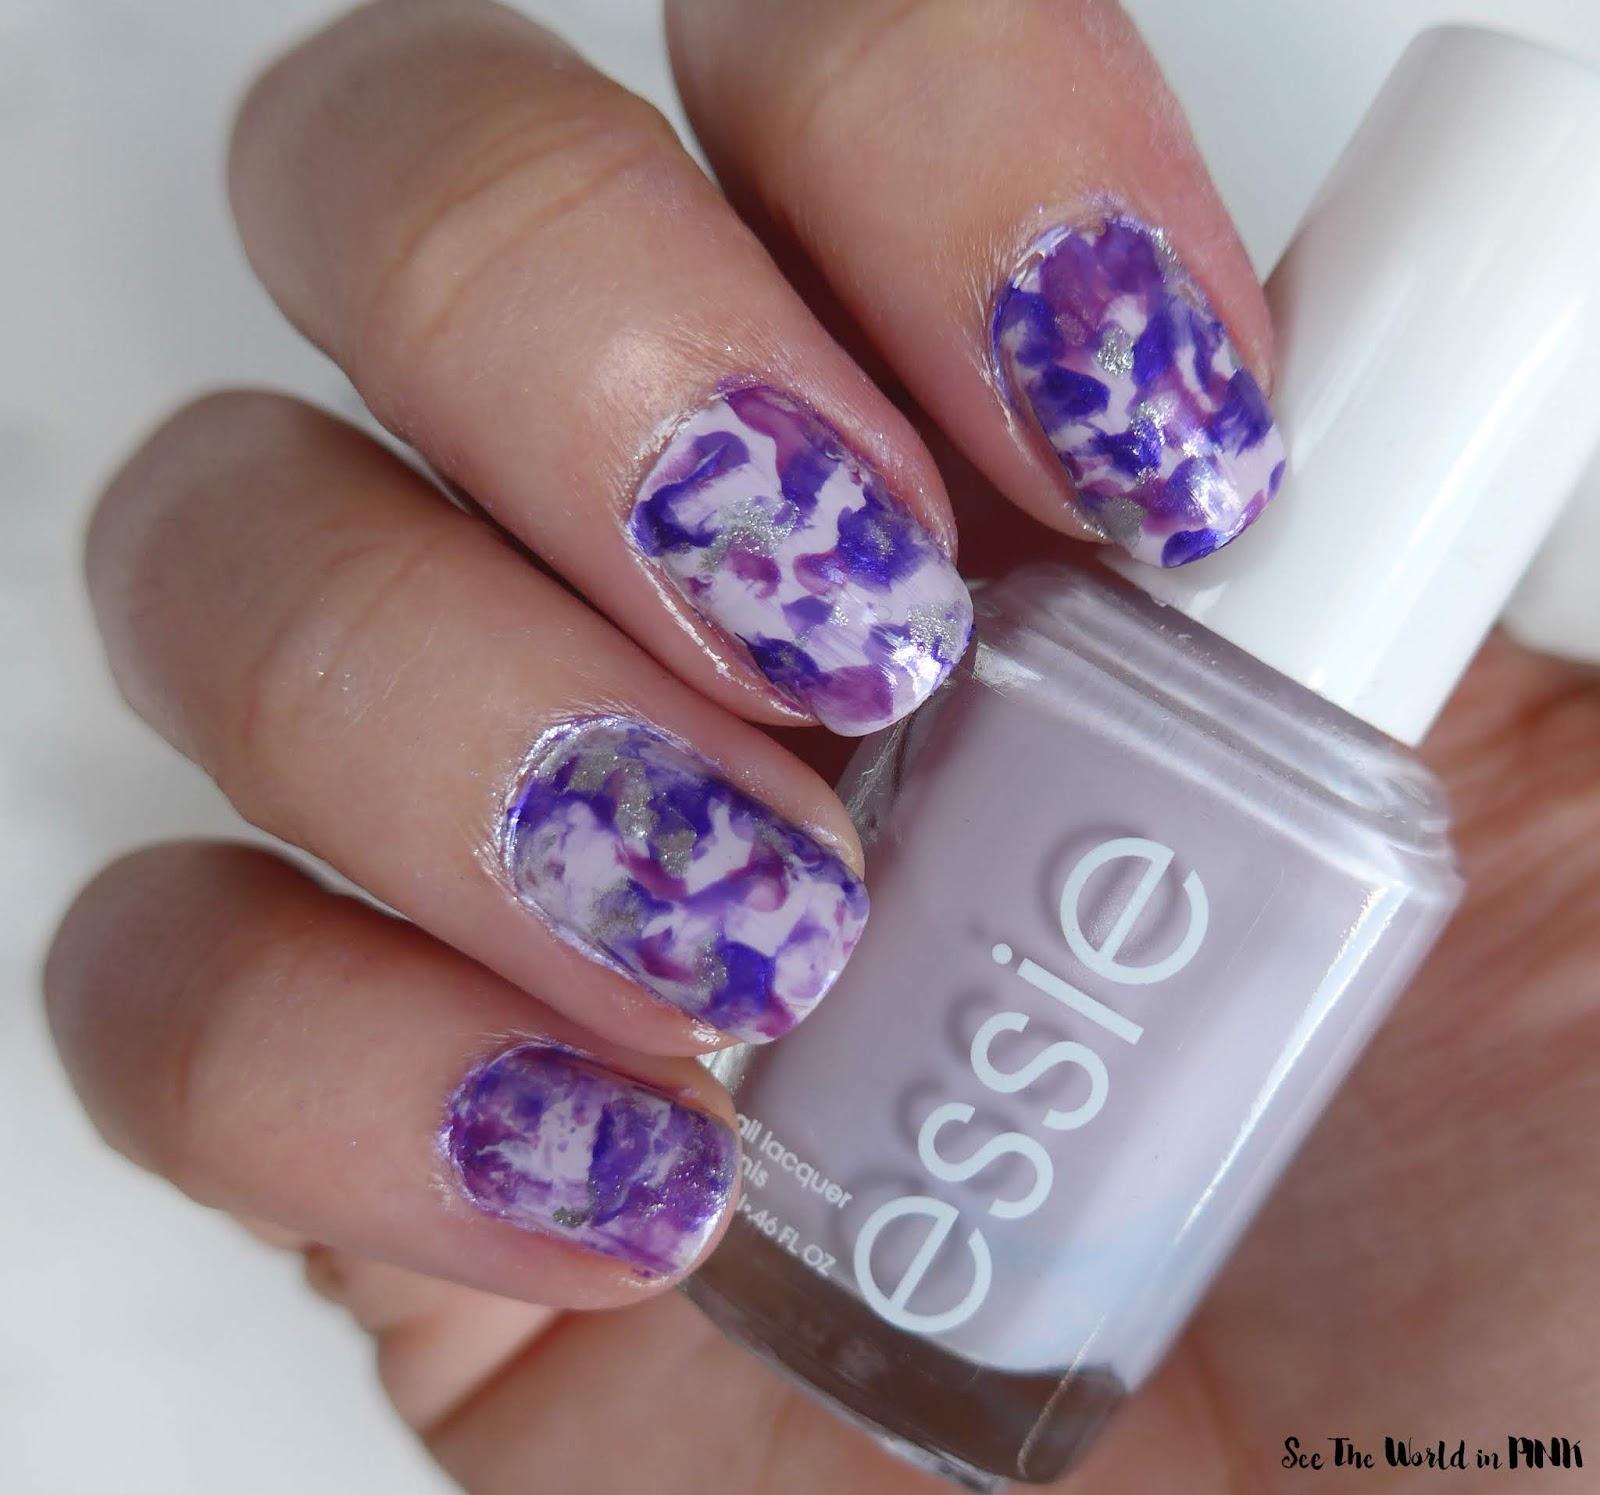 Manicure Monday - Purple and Glitter Smoosh Nails